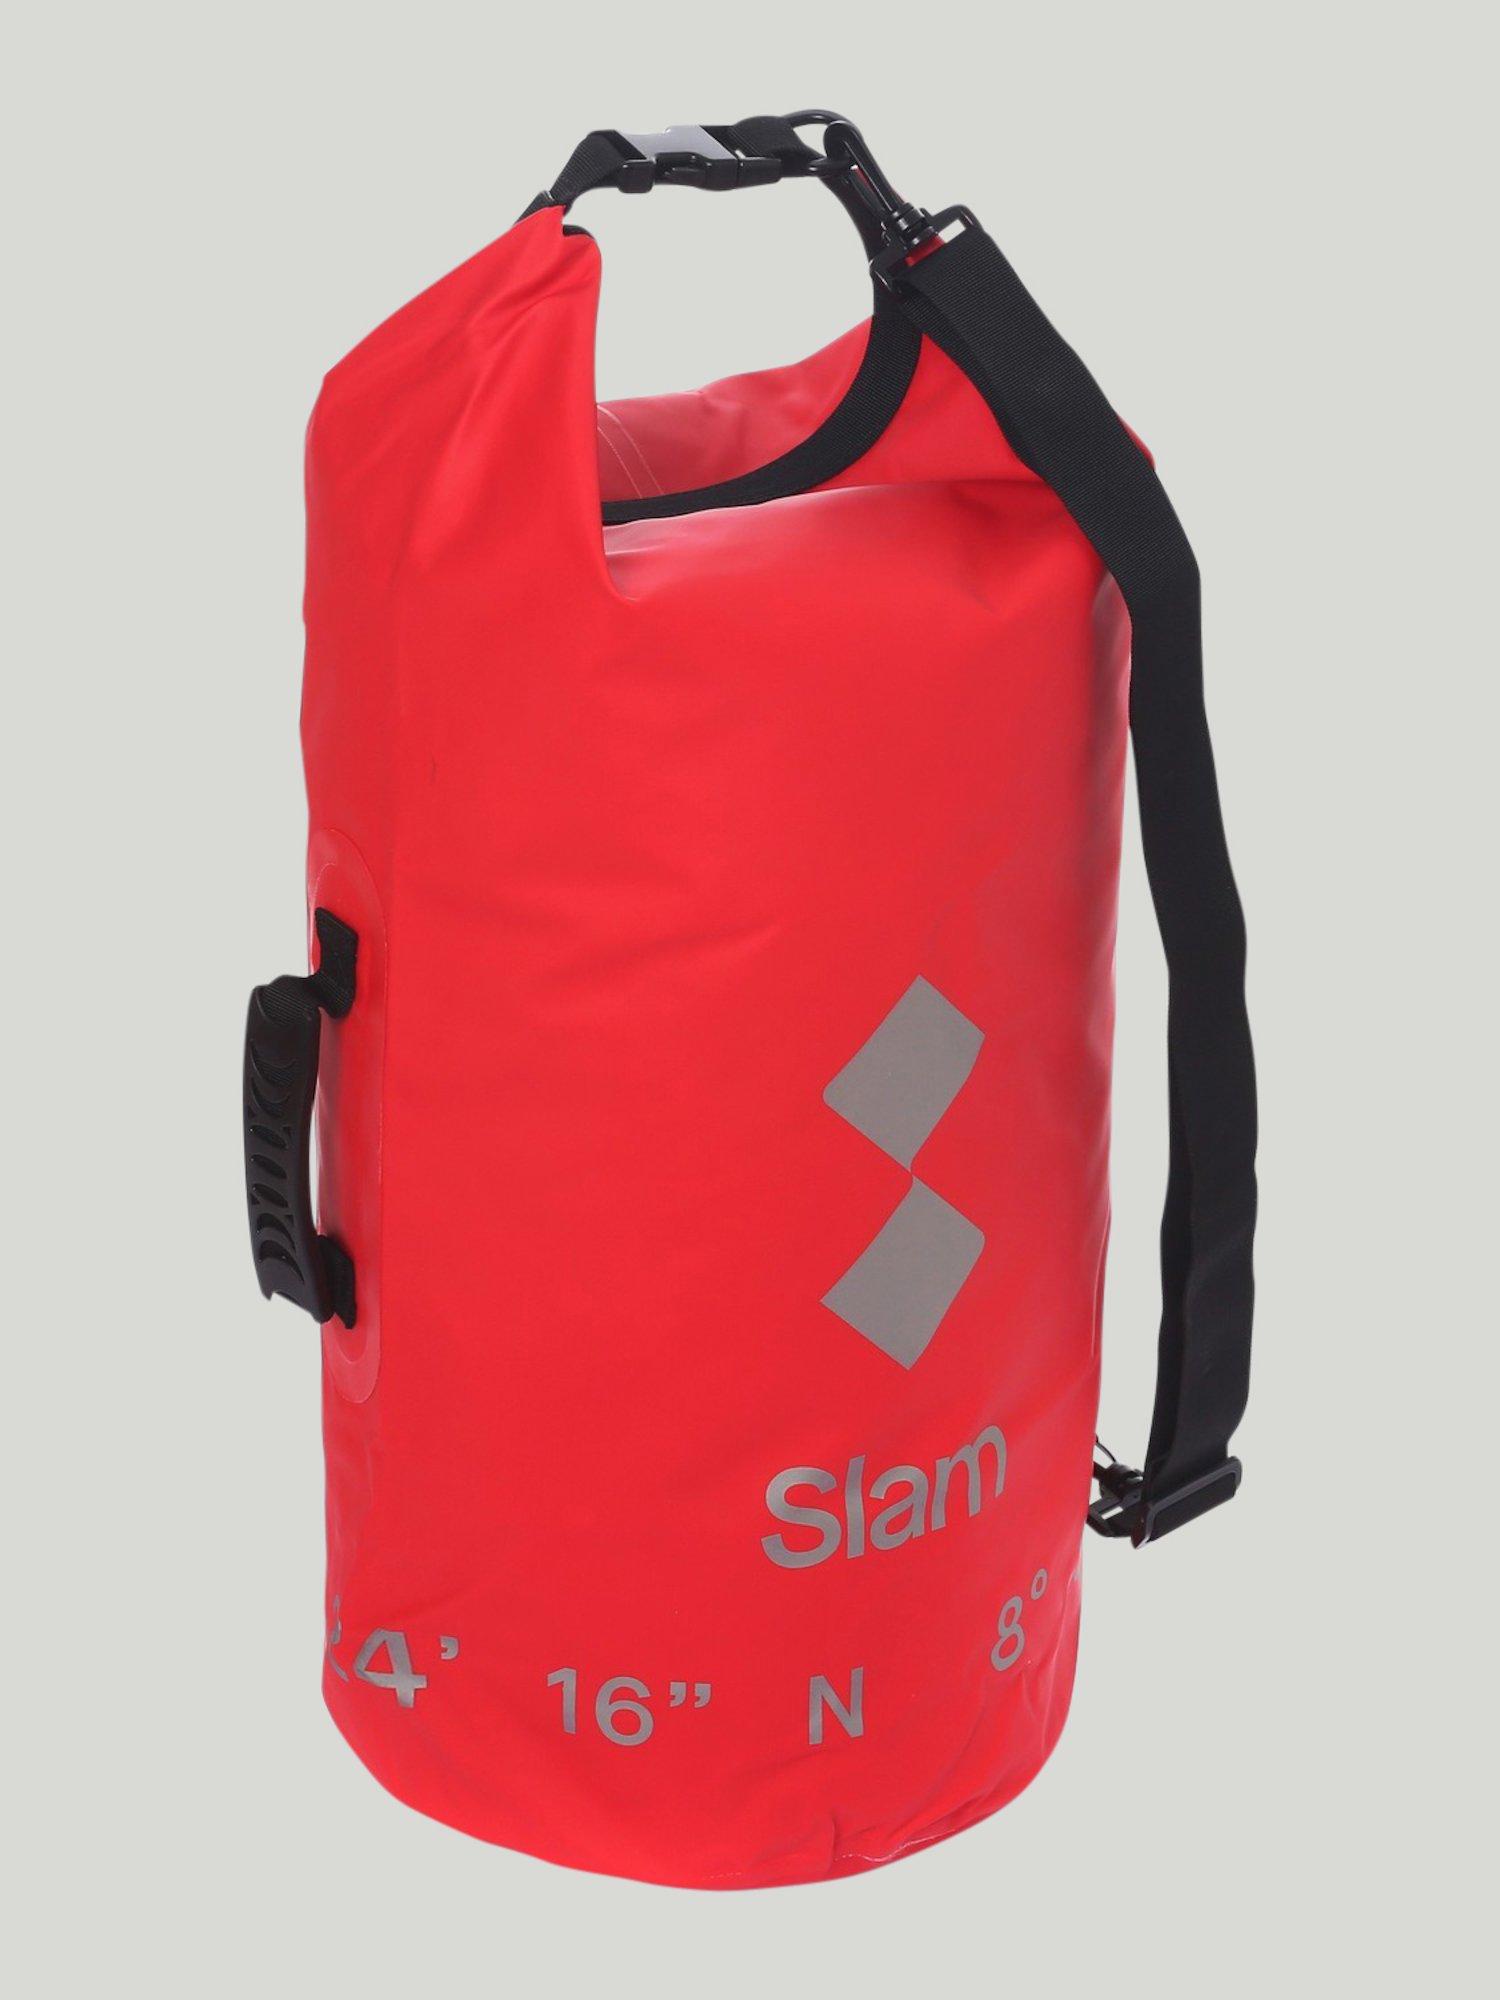 BAG NAVEGANTES - Slam Red